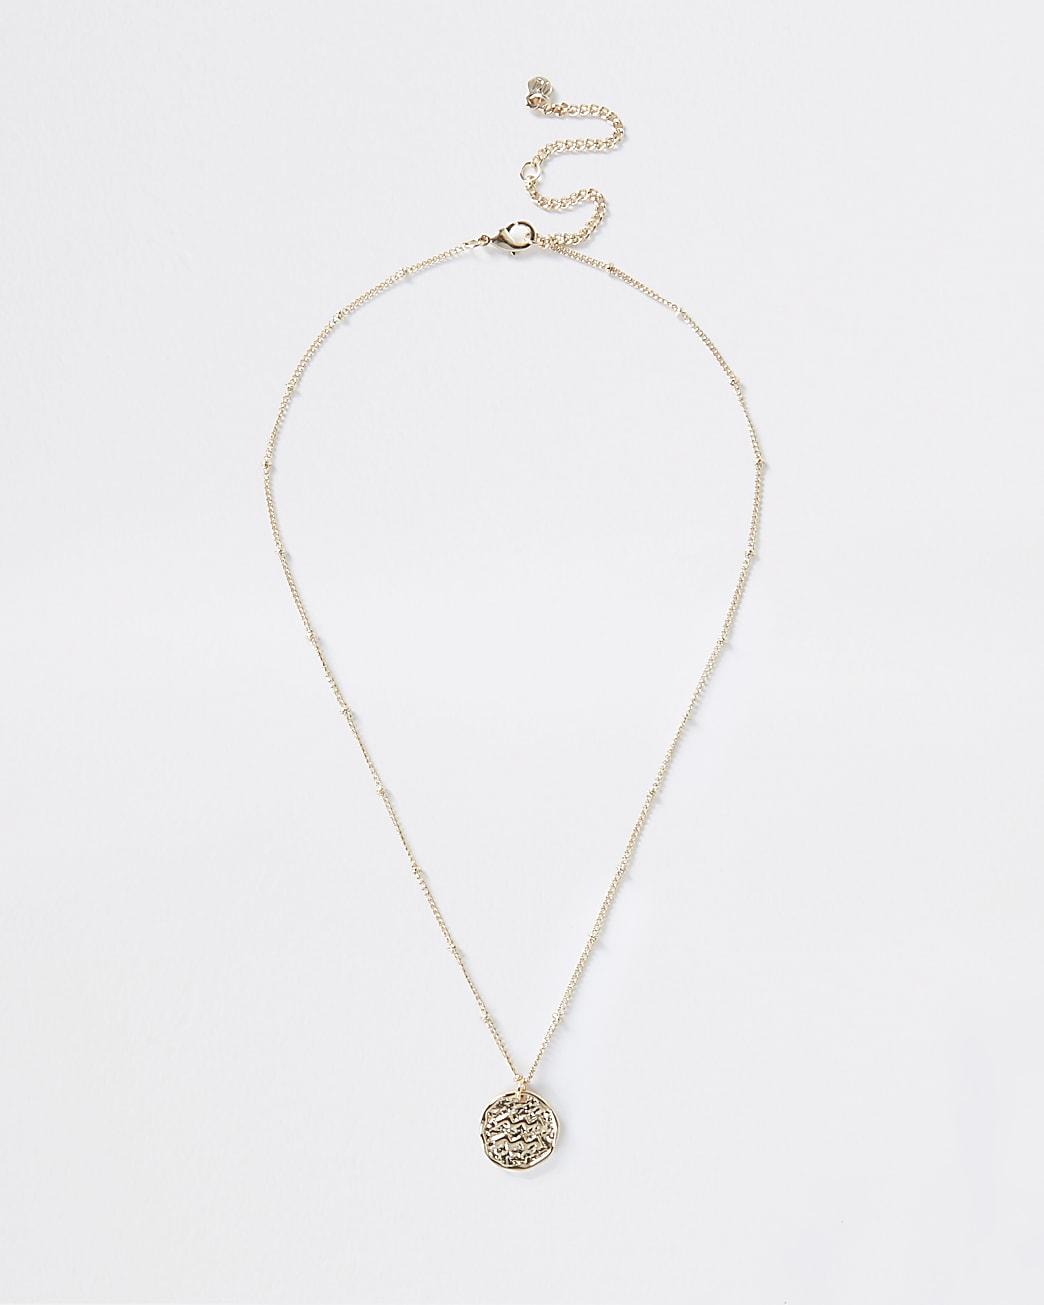 Gold Aquarius Horoscope Coin Necklace